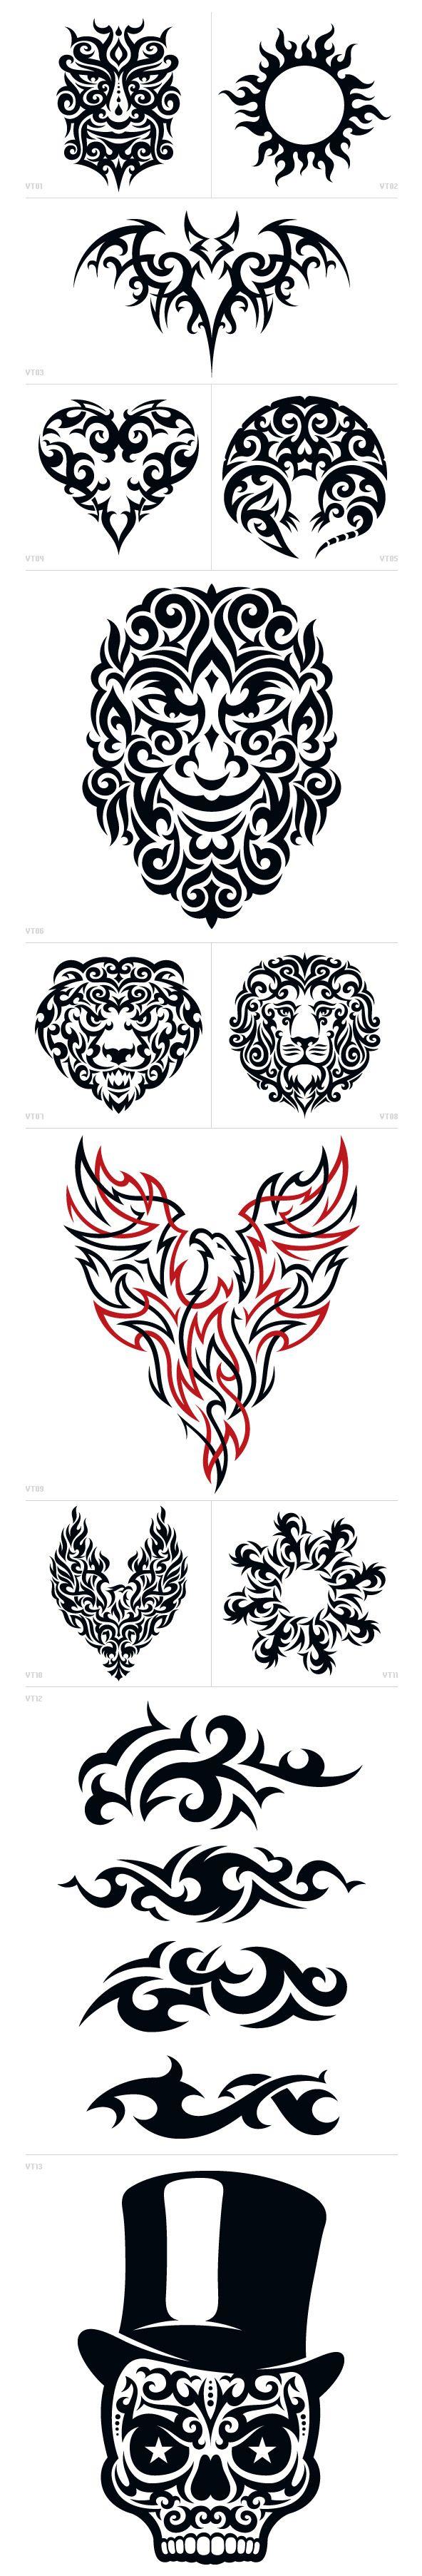 Vonster Tattoos – Tribal Tattoo Design :: Drawsigner: An illustrative design blog showcasing the creative work of Von Glitschka*vector*